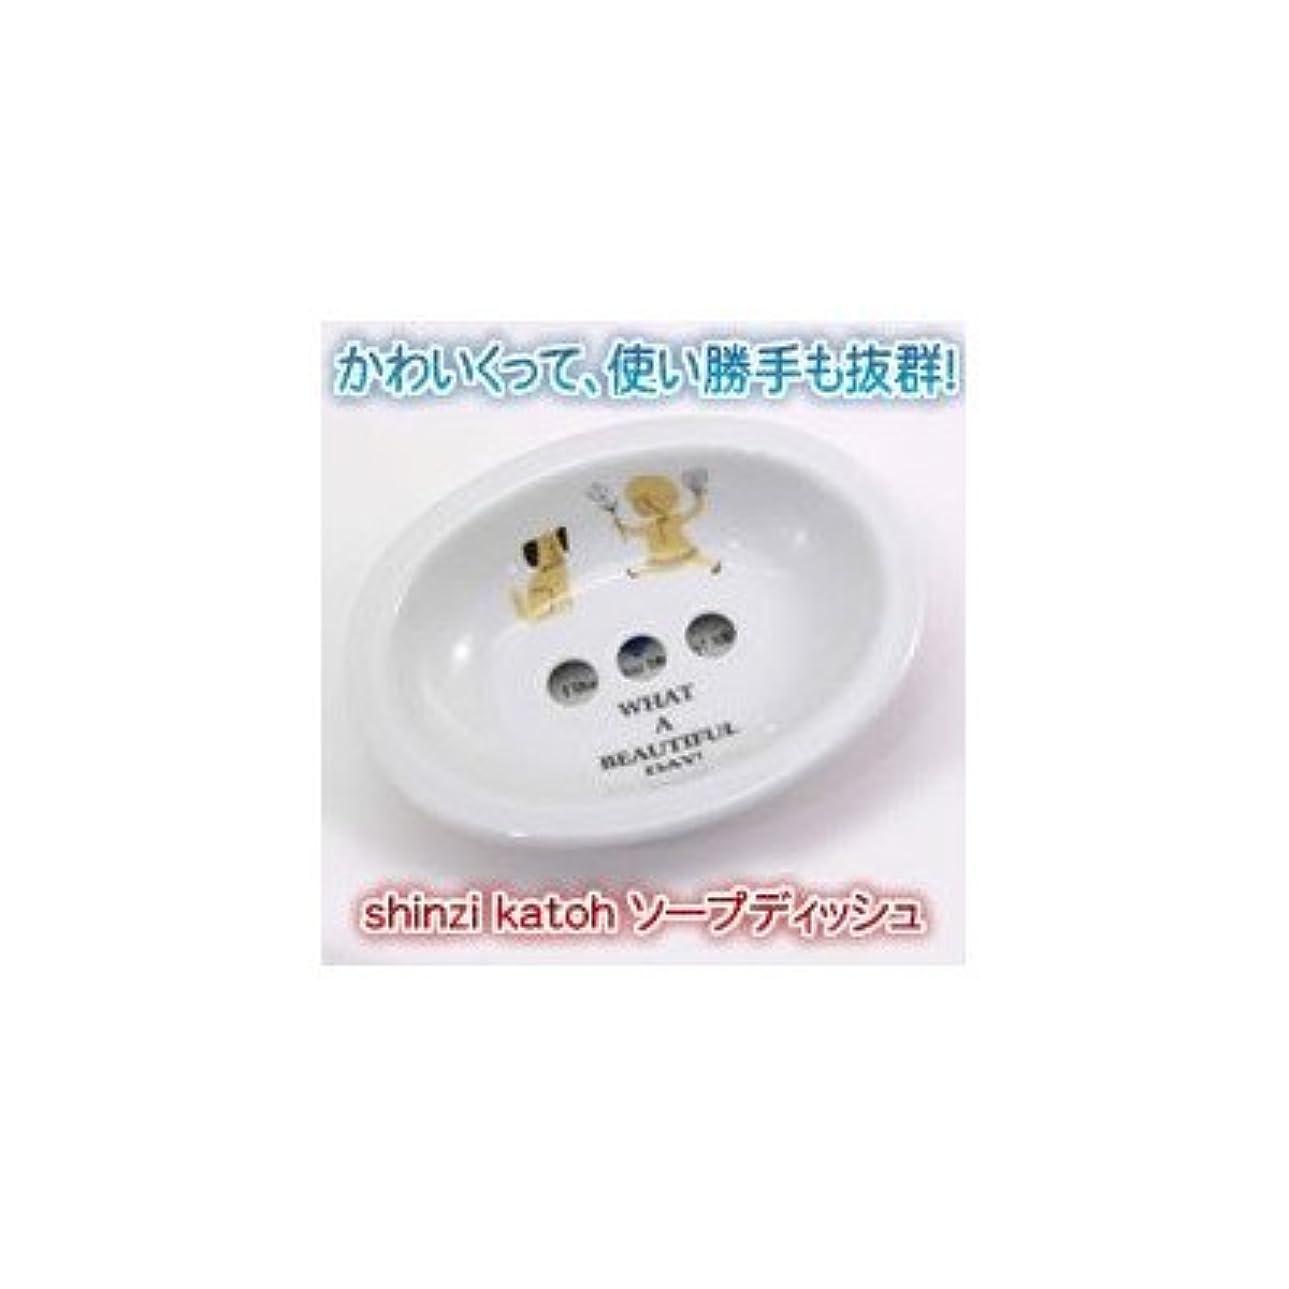 ギャザーサンドイッチ練るShinzi Katoh(シンジカトウ) ソープディッシュ BD チェリー?13-450338